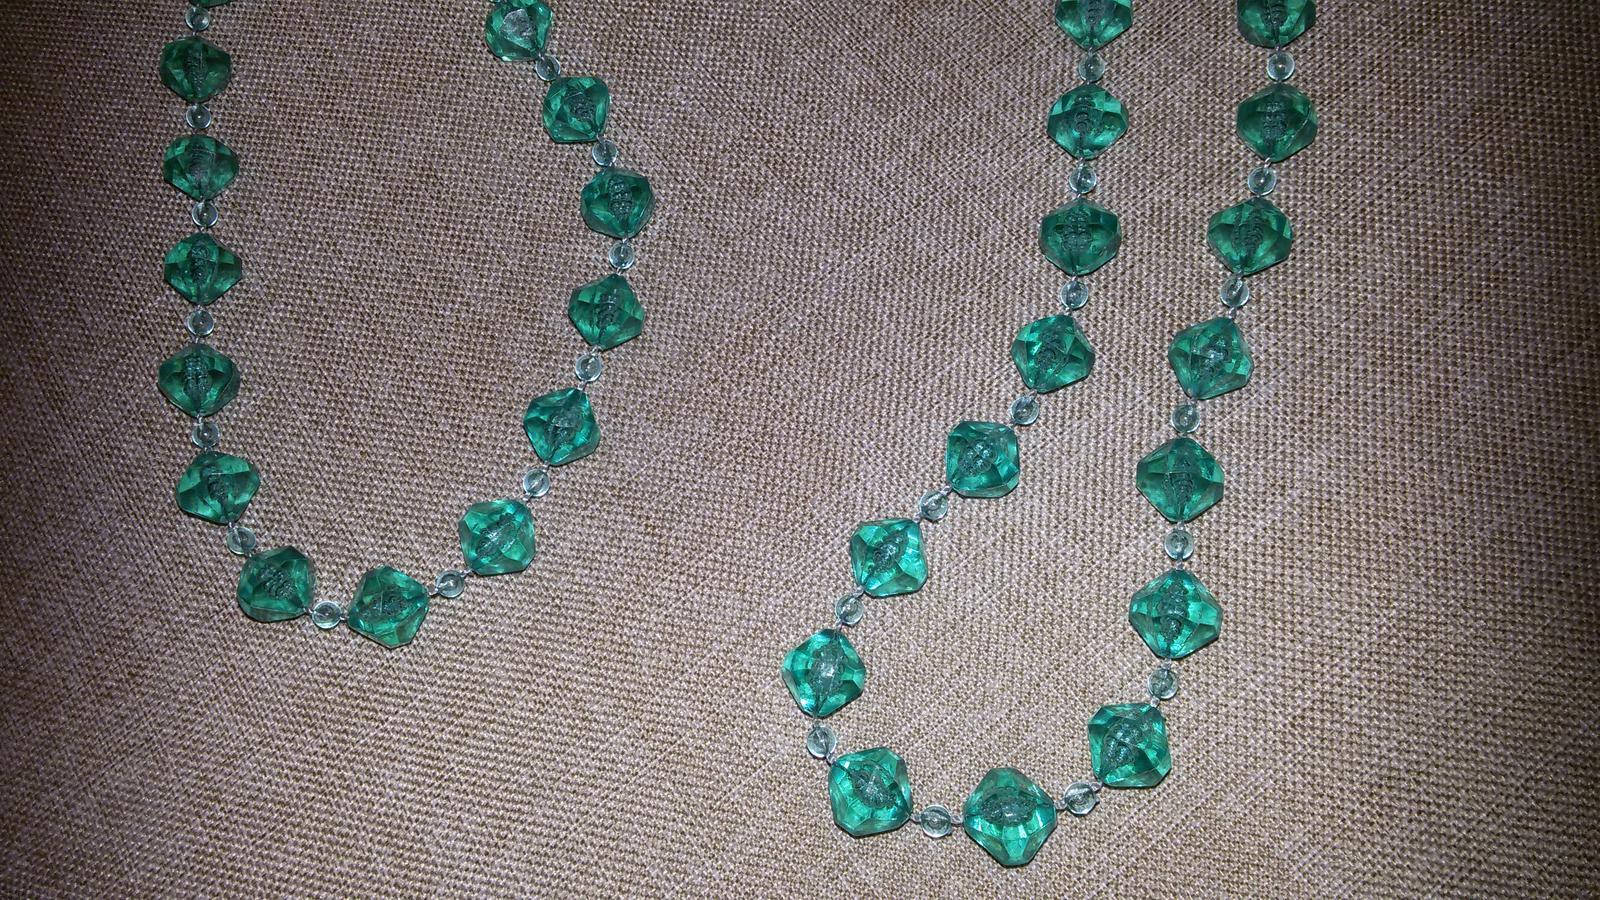 Korálkovy náhrdelník a nausnice - Obrázok č. 4